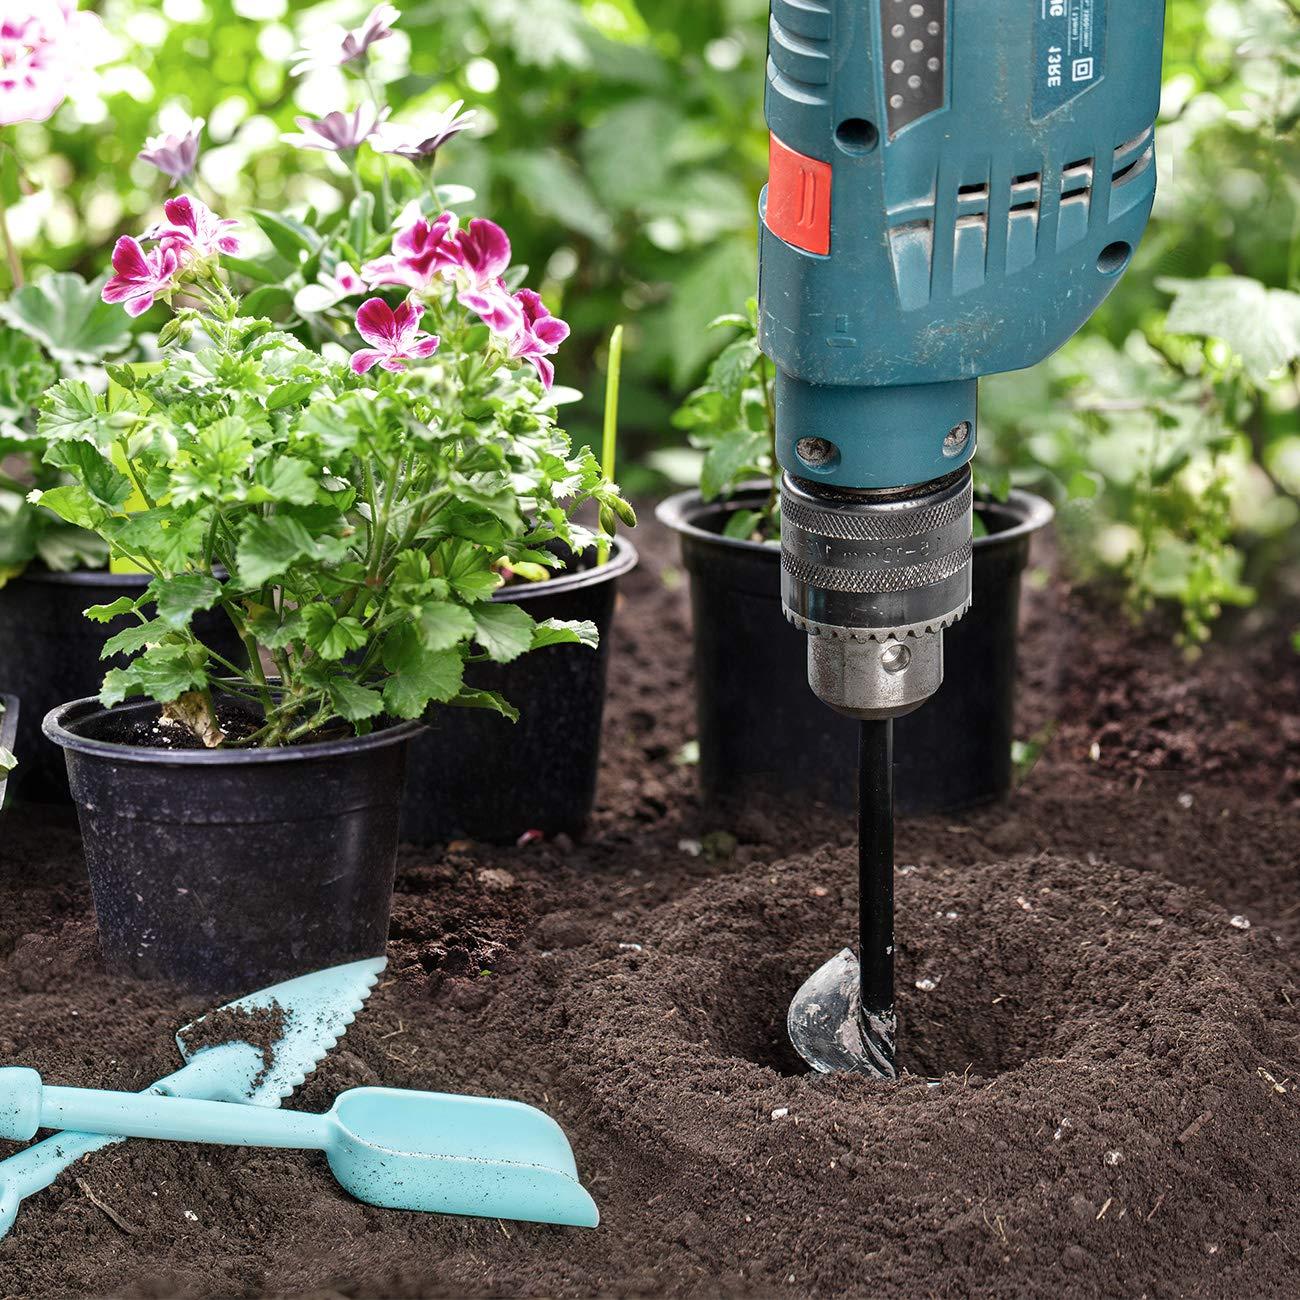 COSYLAND B/êche-tari/ères de jardinage Dia 4cm//Longueur 22cm Auger Foret De Jardin Tariere pour Perceuse M/èche Jardin Tari/ère Jardinage